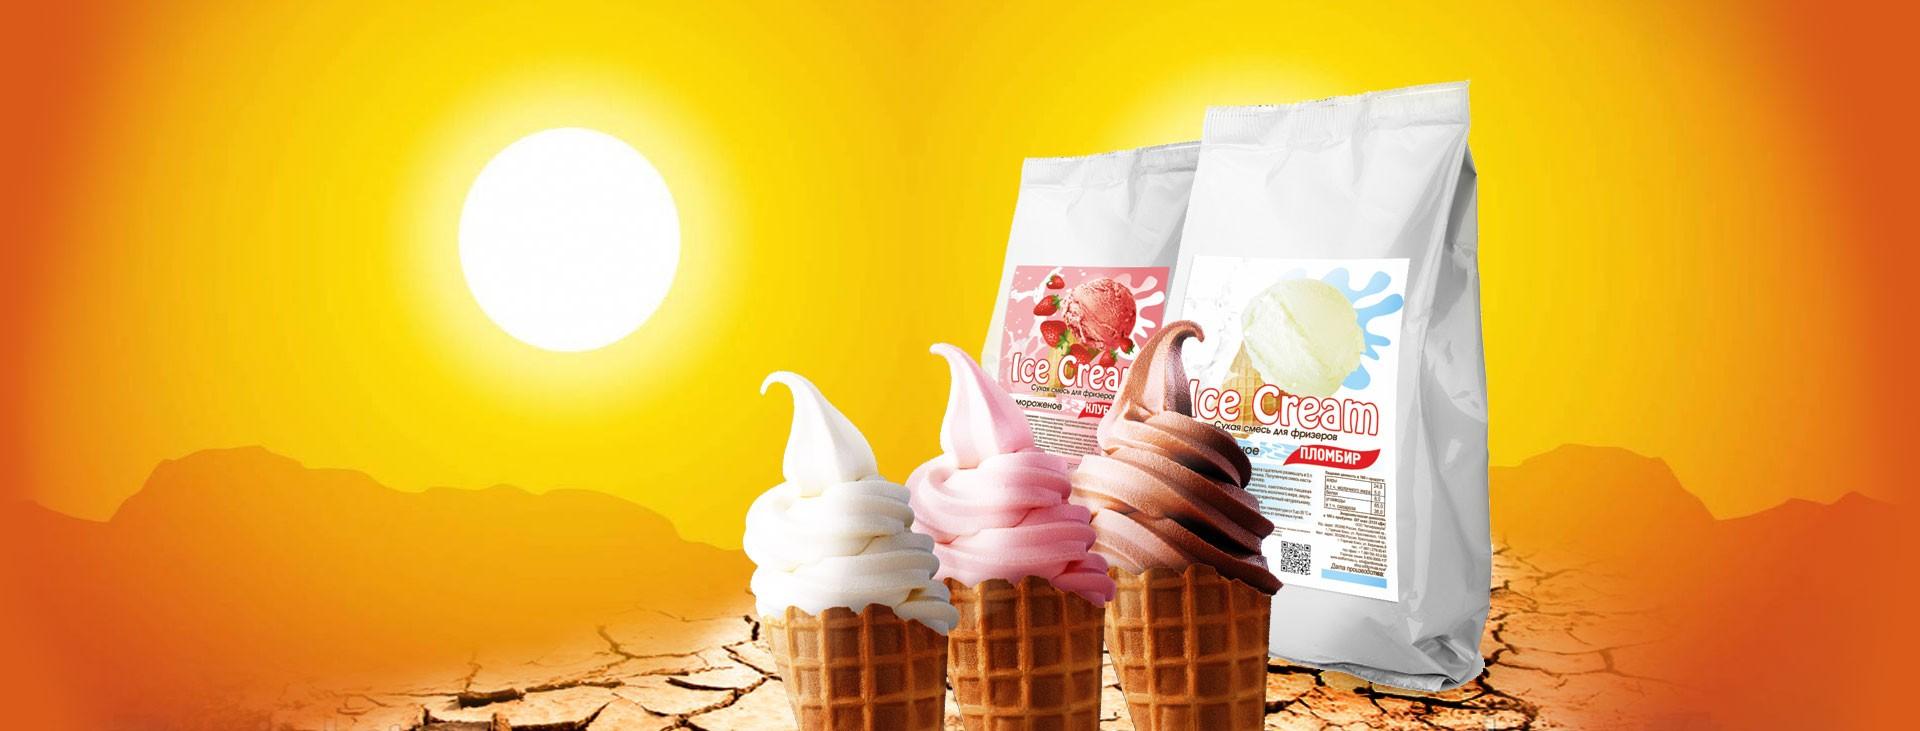 Смеси для мягкого мороженого